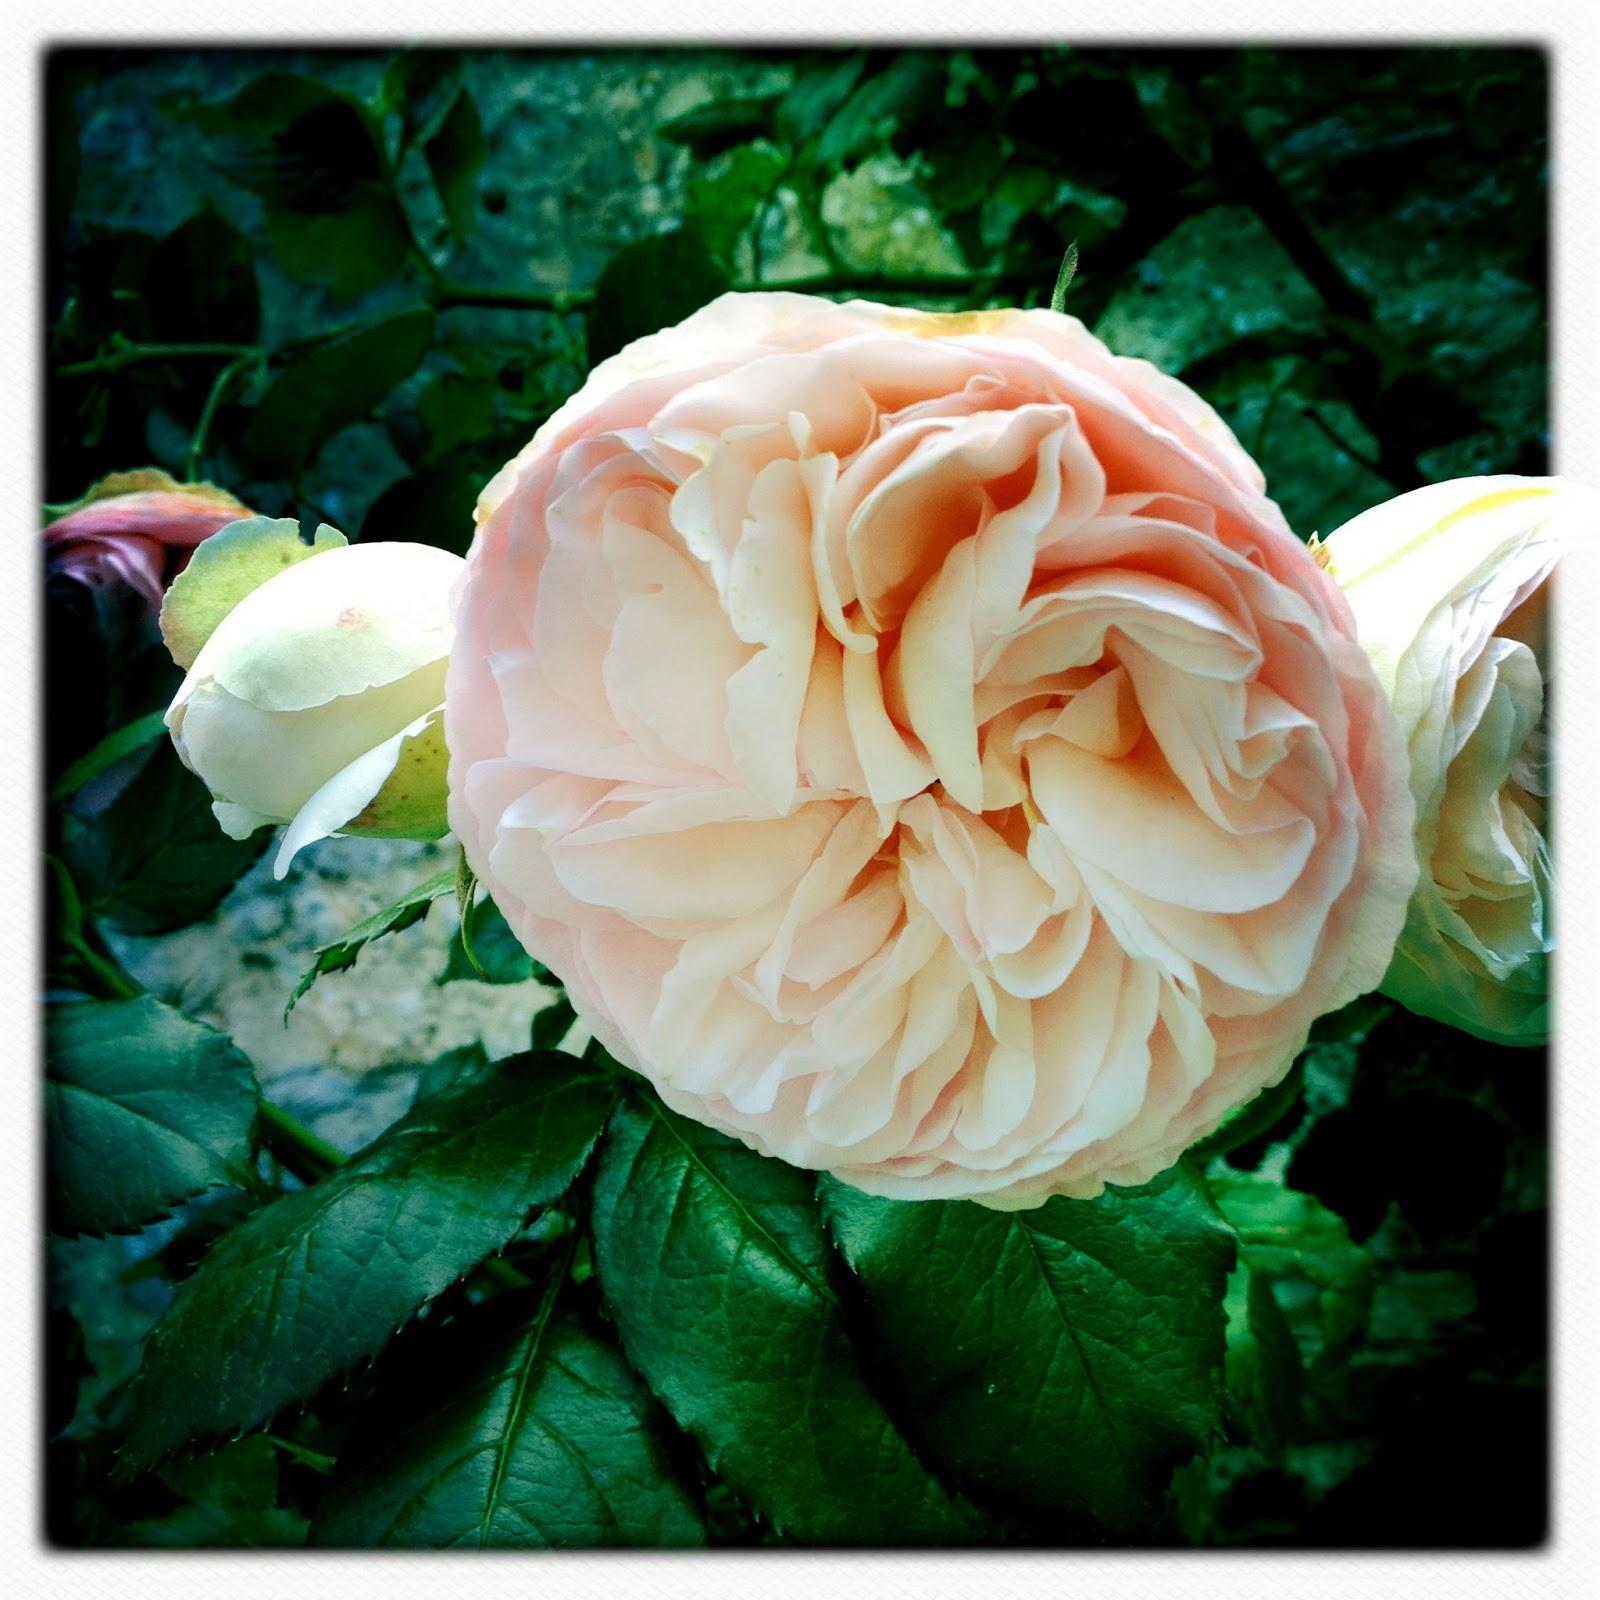 Que faire ce week end juin 2013 - Fete de la rose gerberoy ...